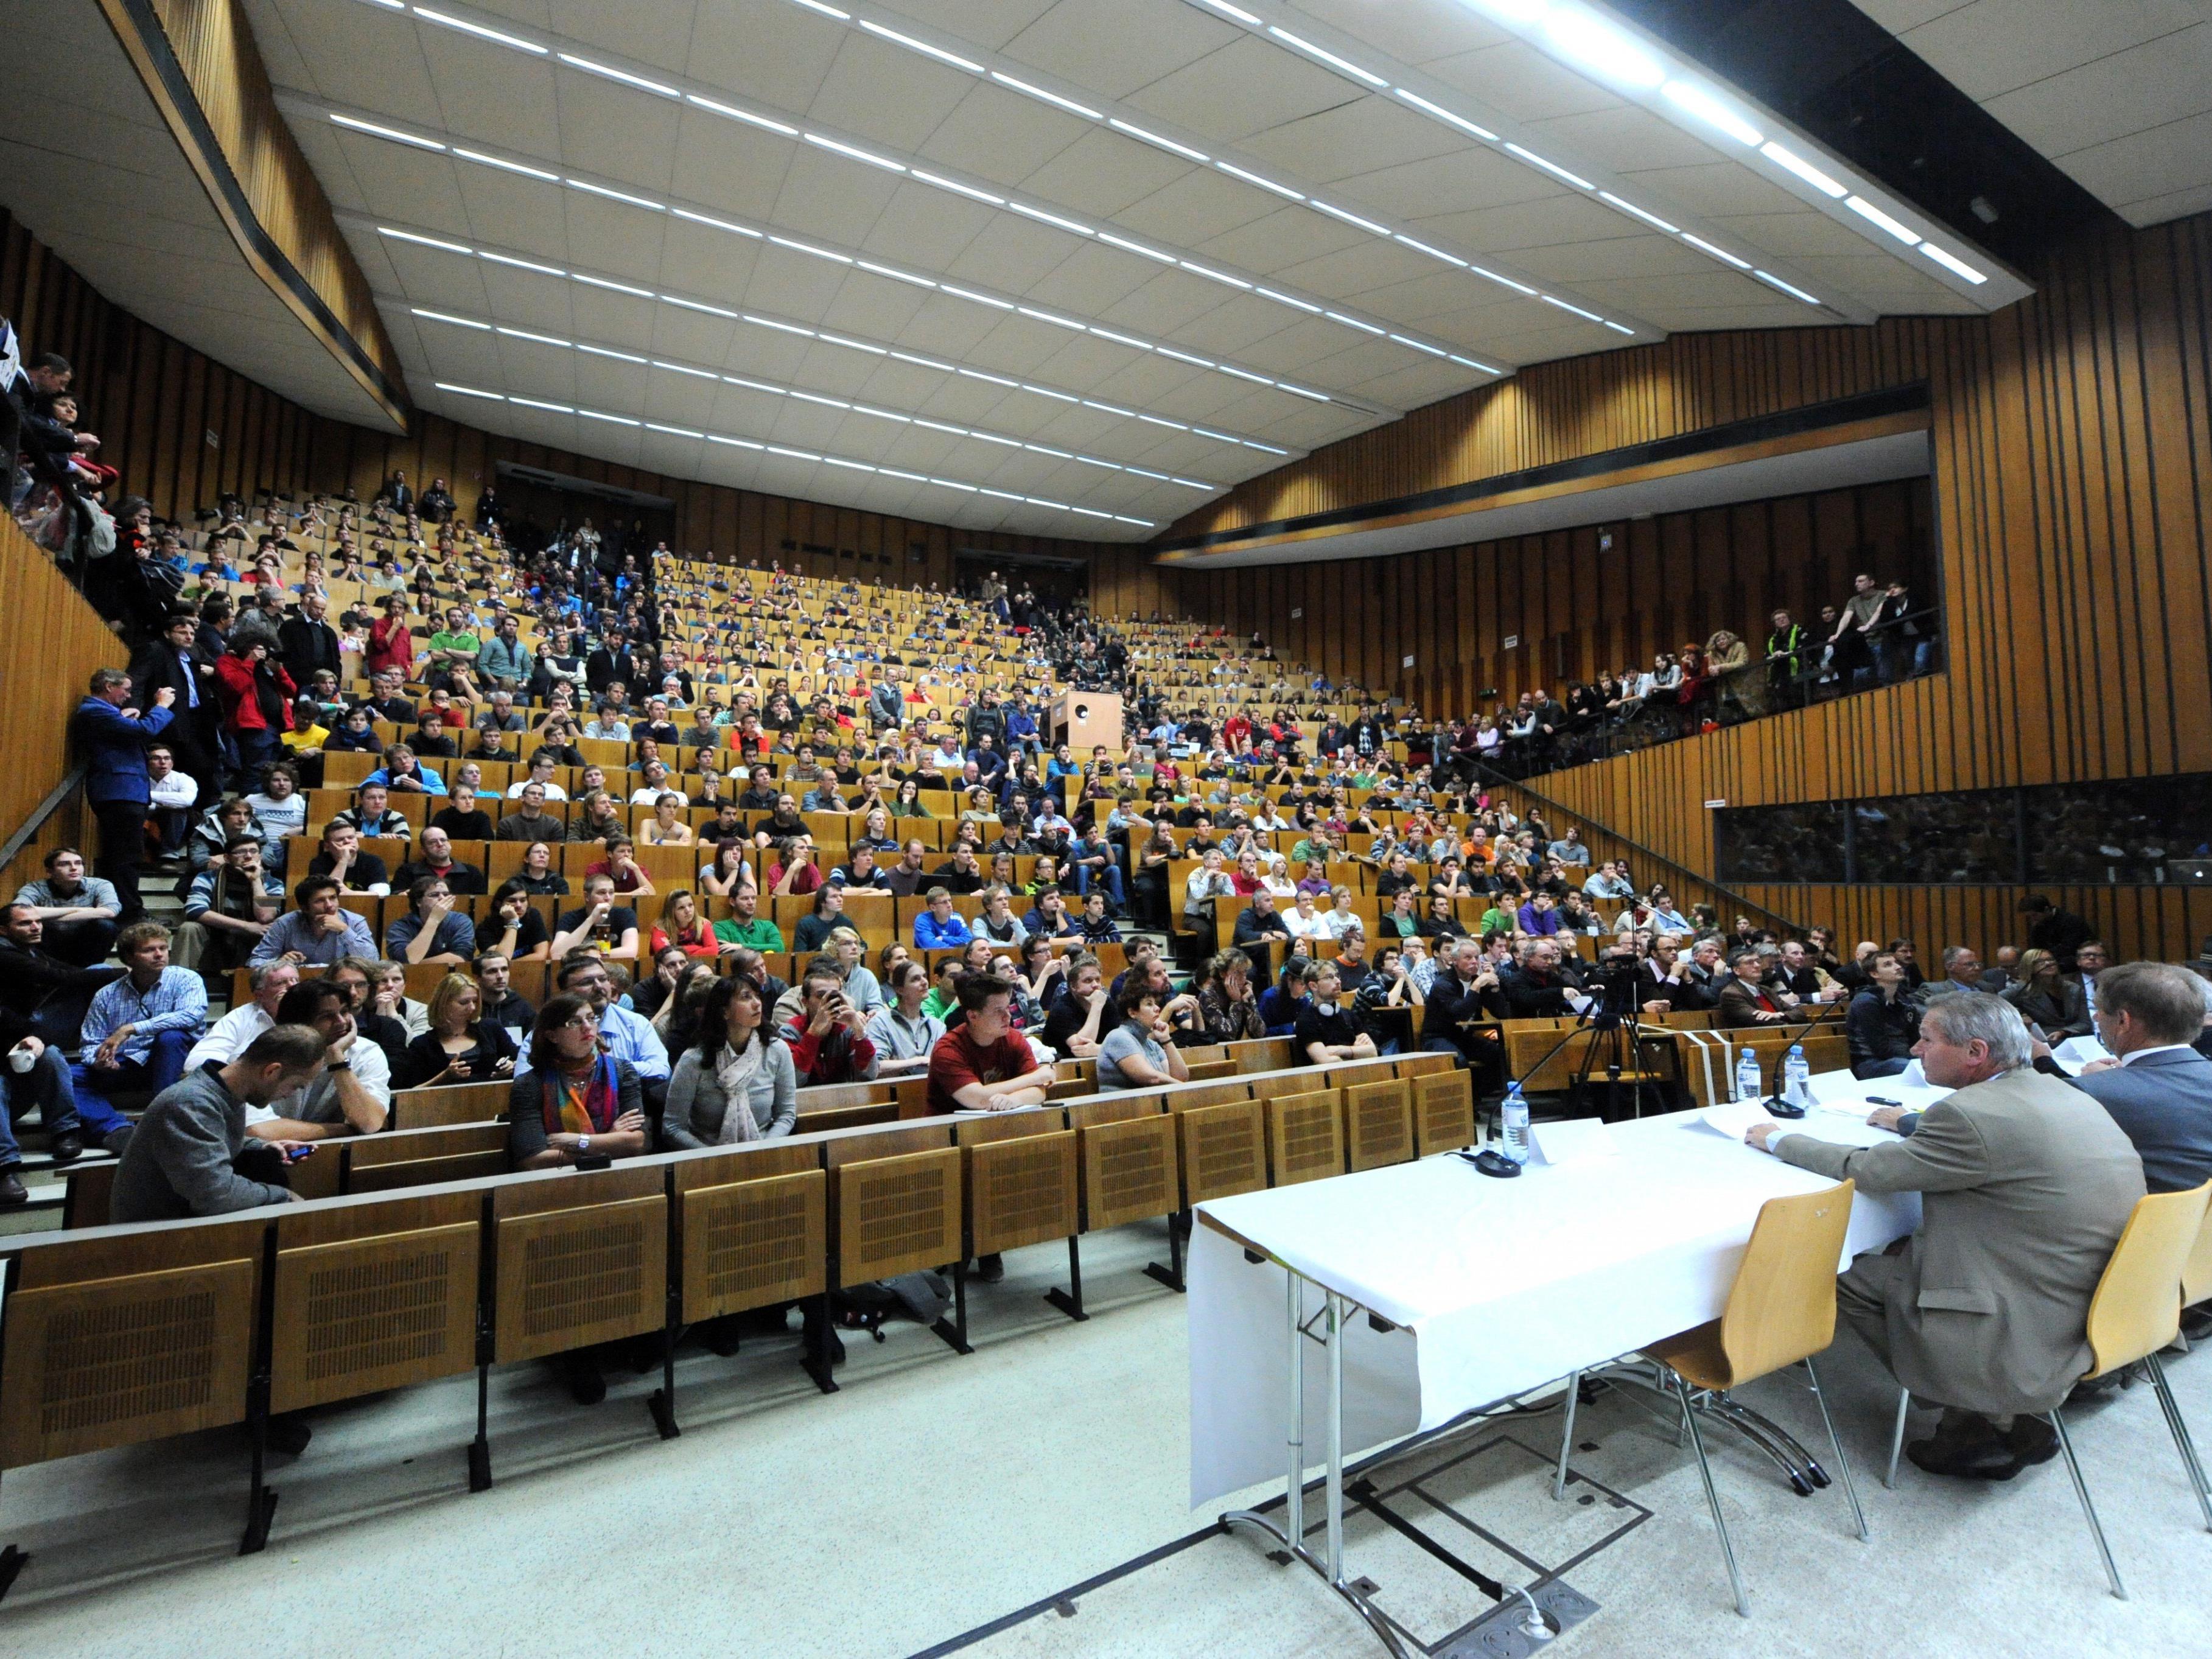 Hörsaal der Technischen Universität in Wien.